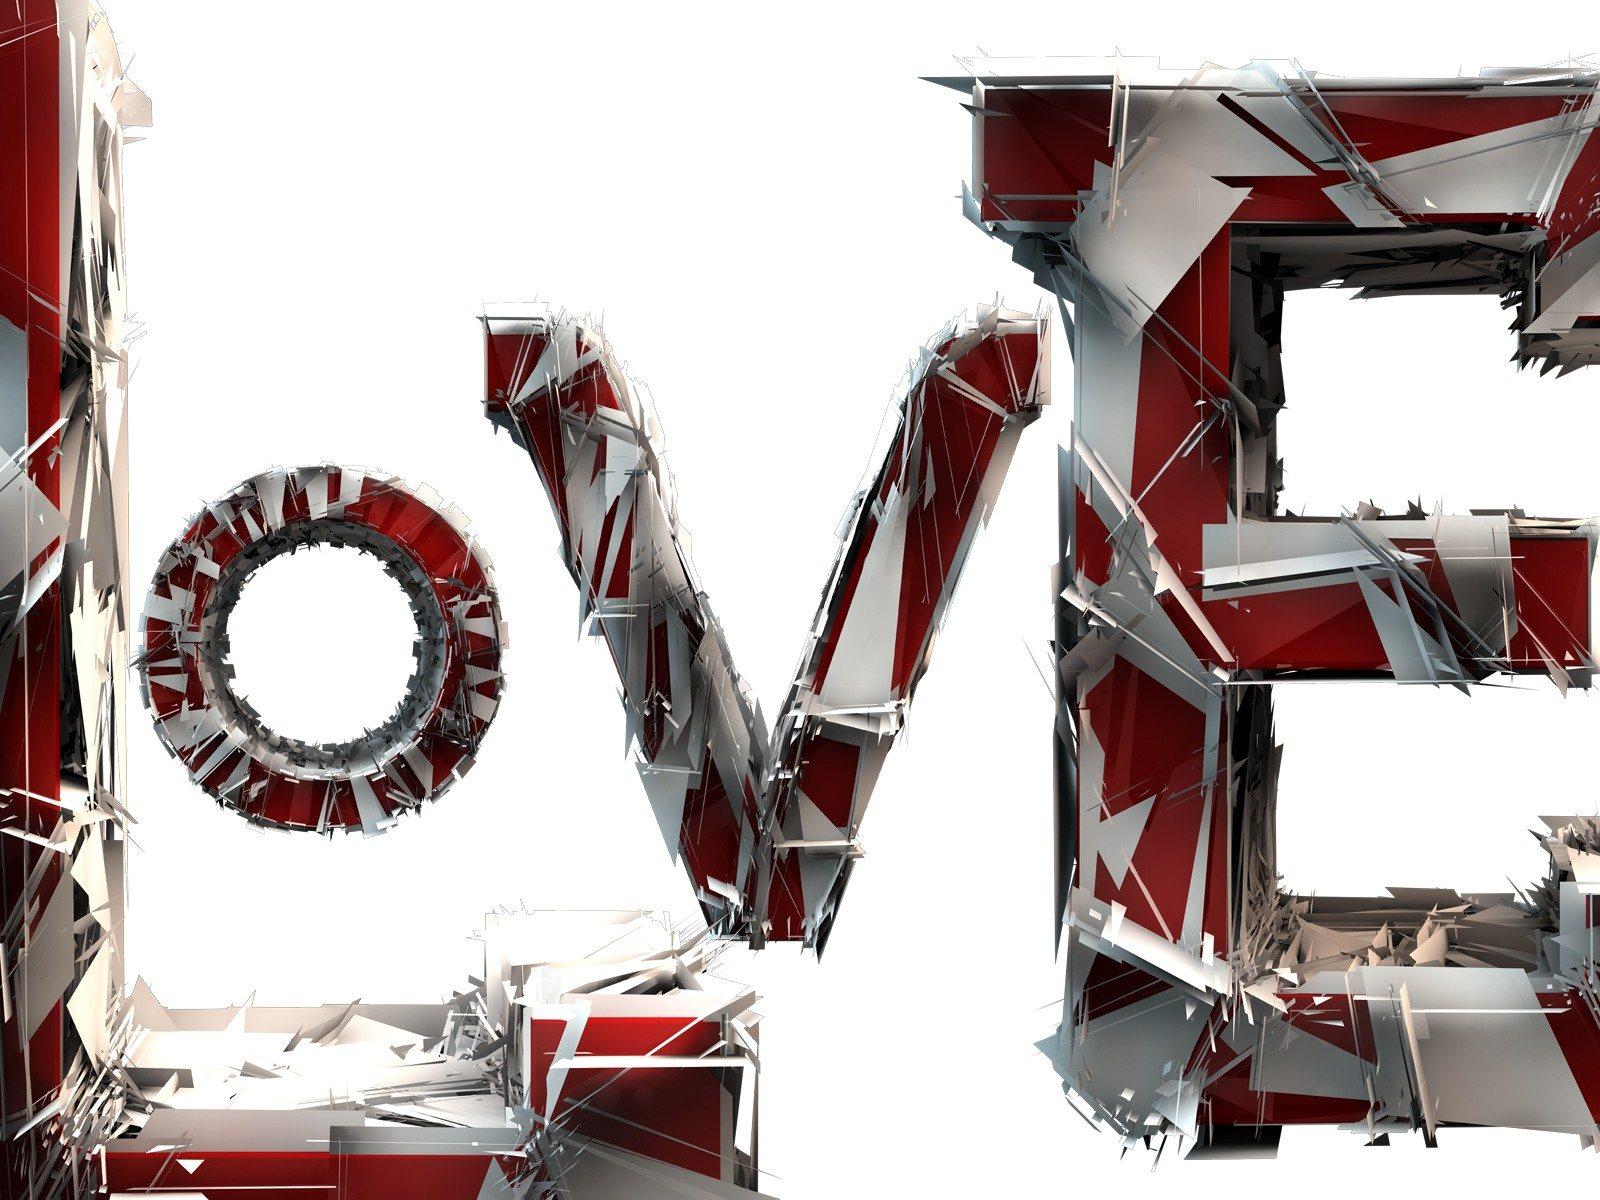 http://2.bp.blogspot.com/-4FdM6oUj1mI/Ty0geFJG-II/AAAAAAAAAhk/l9akyQAAsvM/s1600/Love_3D_Text_Graphic_HD_Wallpaper-Vvallpaper.Net.jpg